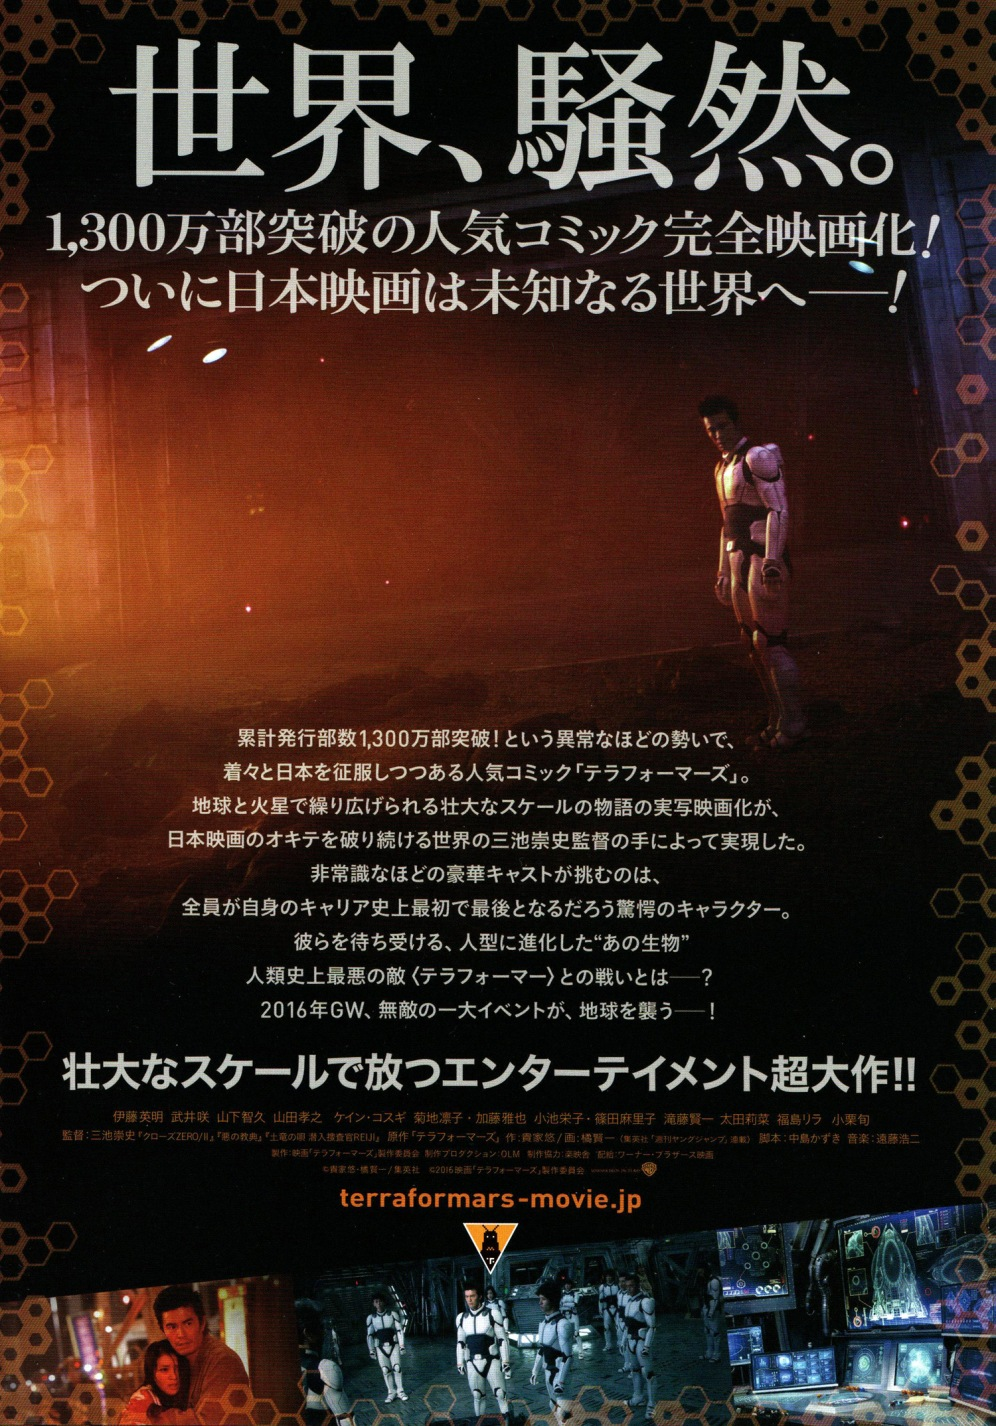 terraformars-japan-06